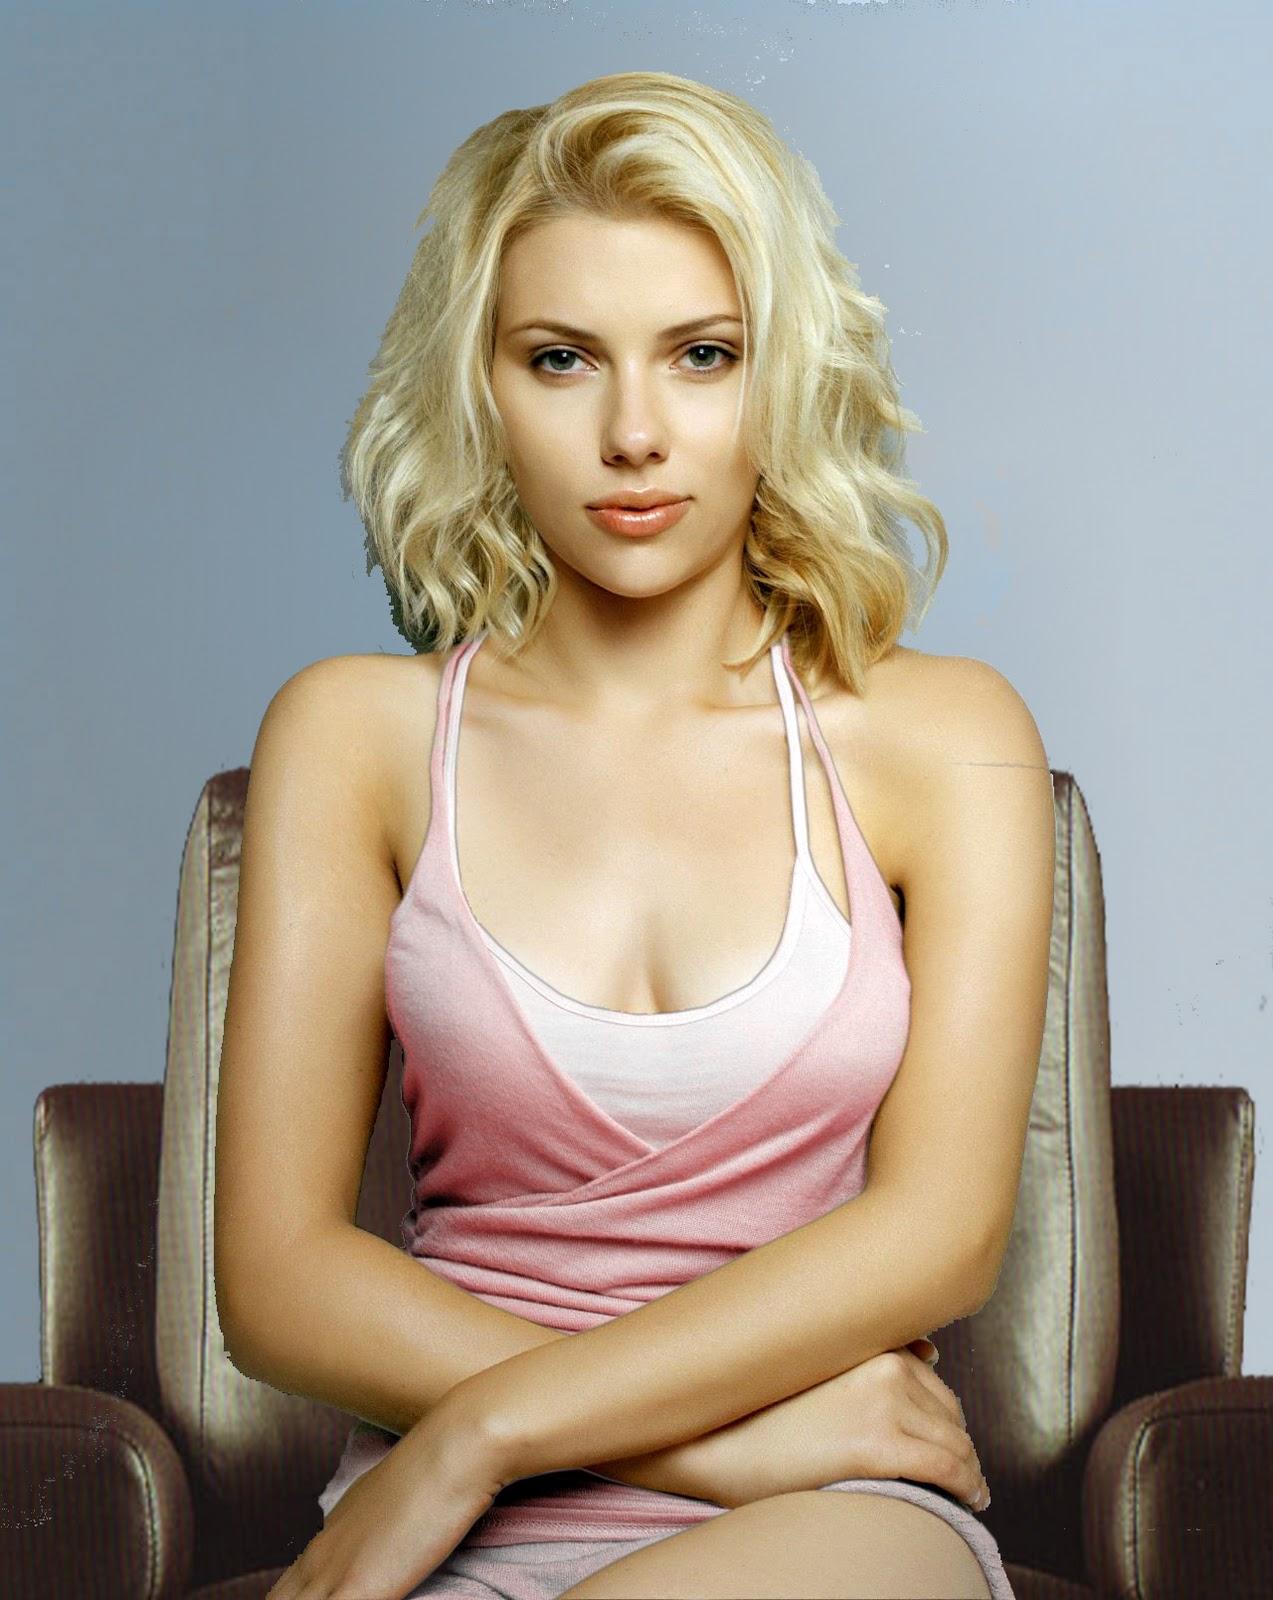 http://3.bp.blogspot.com/-rK66CfGkLdM/TqwP0kRI6CI/AAAAAAAAIbc/7WscPequilg/s1600/Scarlett+Johansson+10.jpg